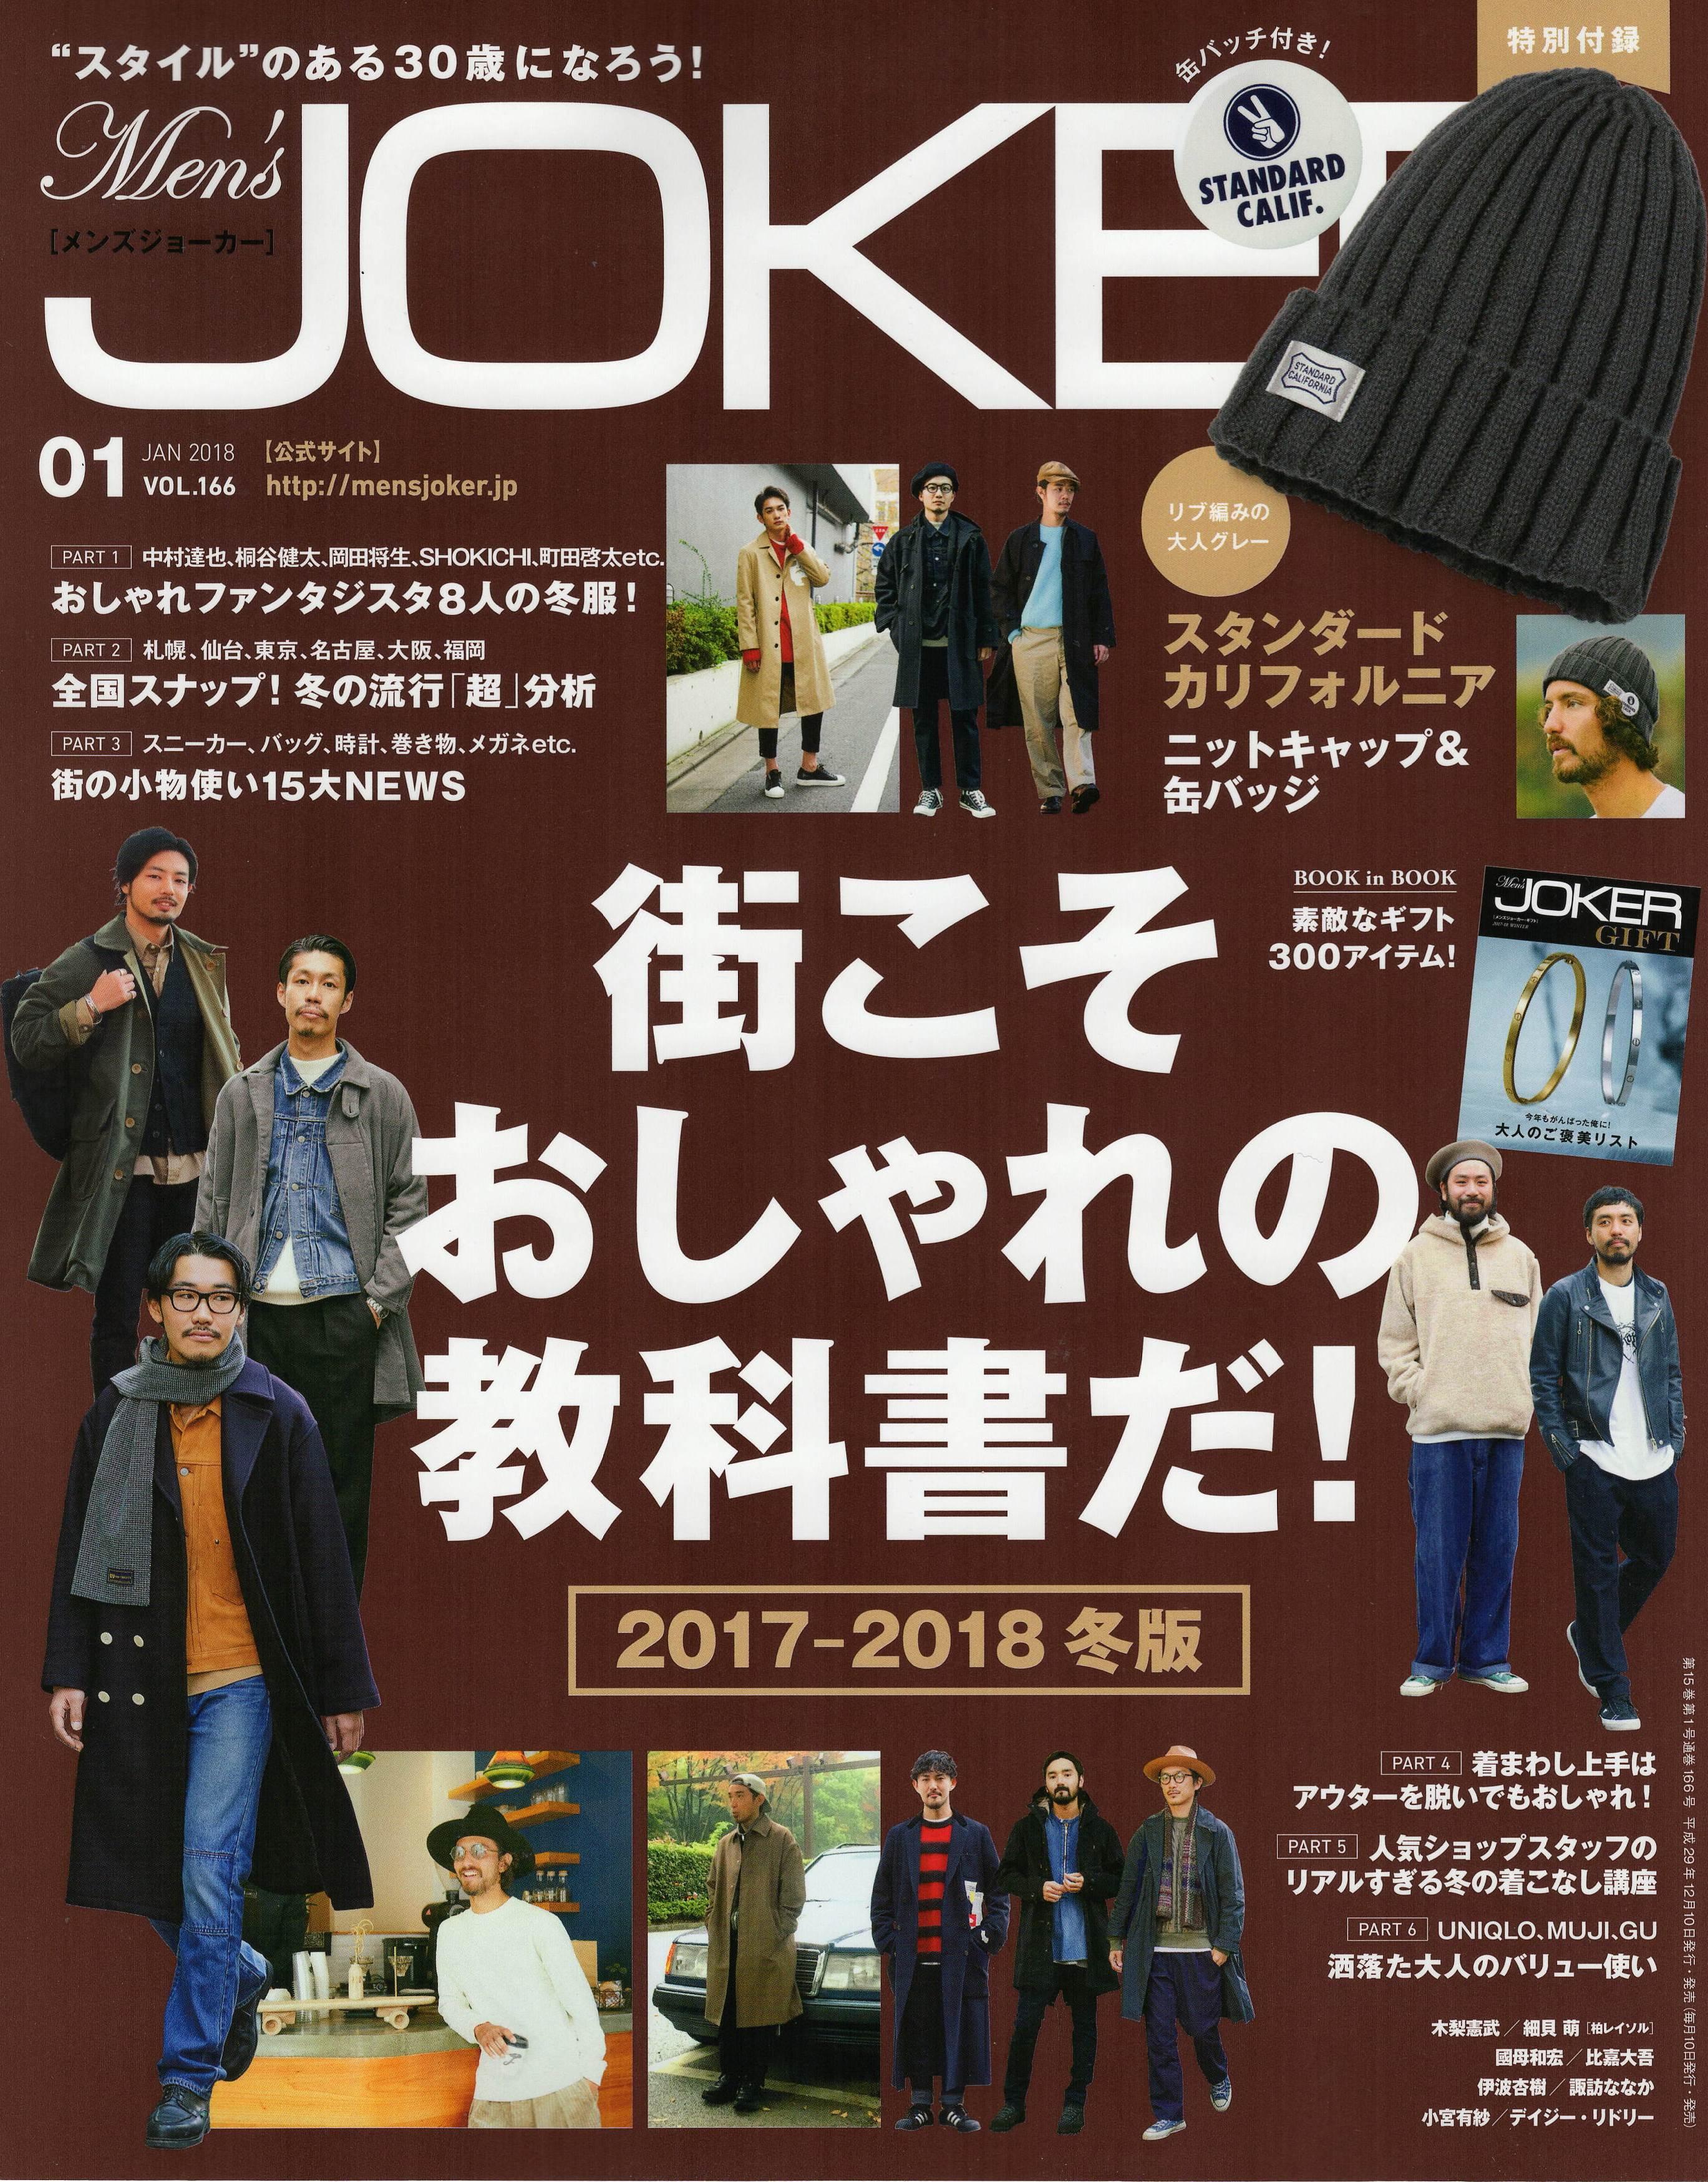 必読!!「Men's JOKER」Laccoが掲載されました。